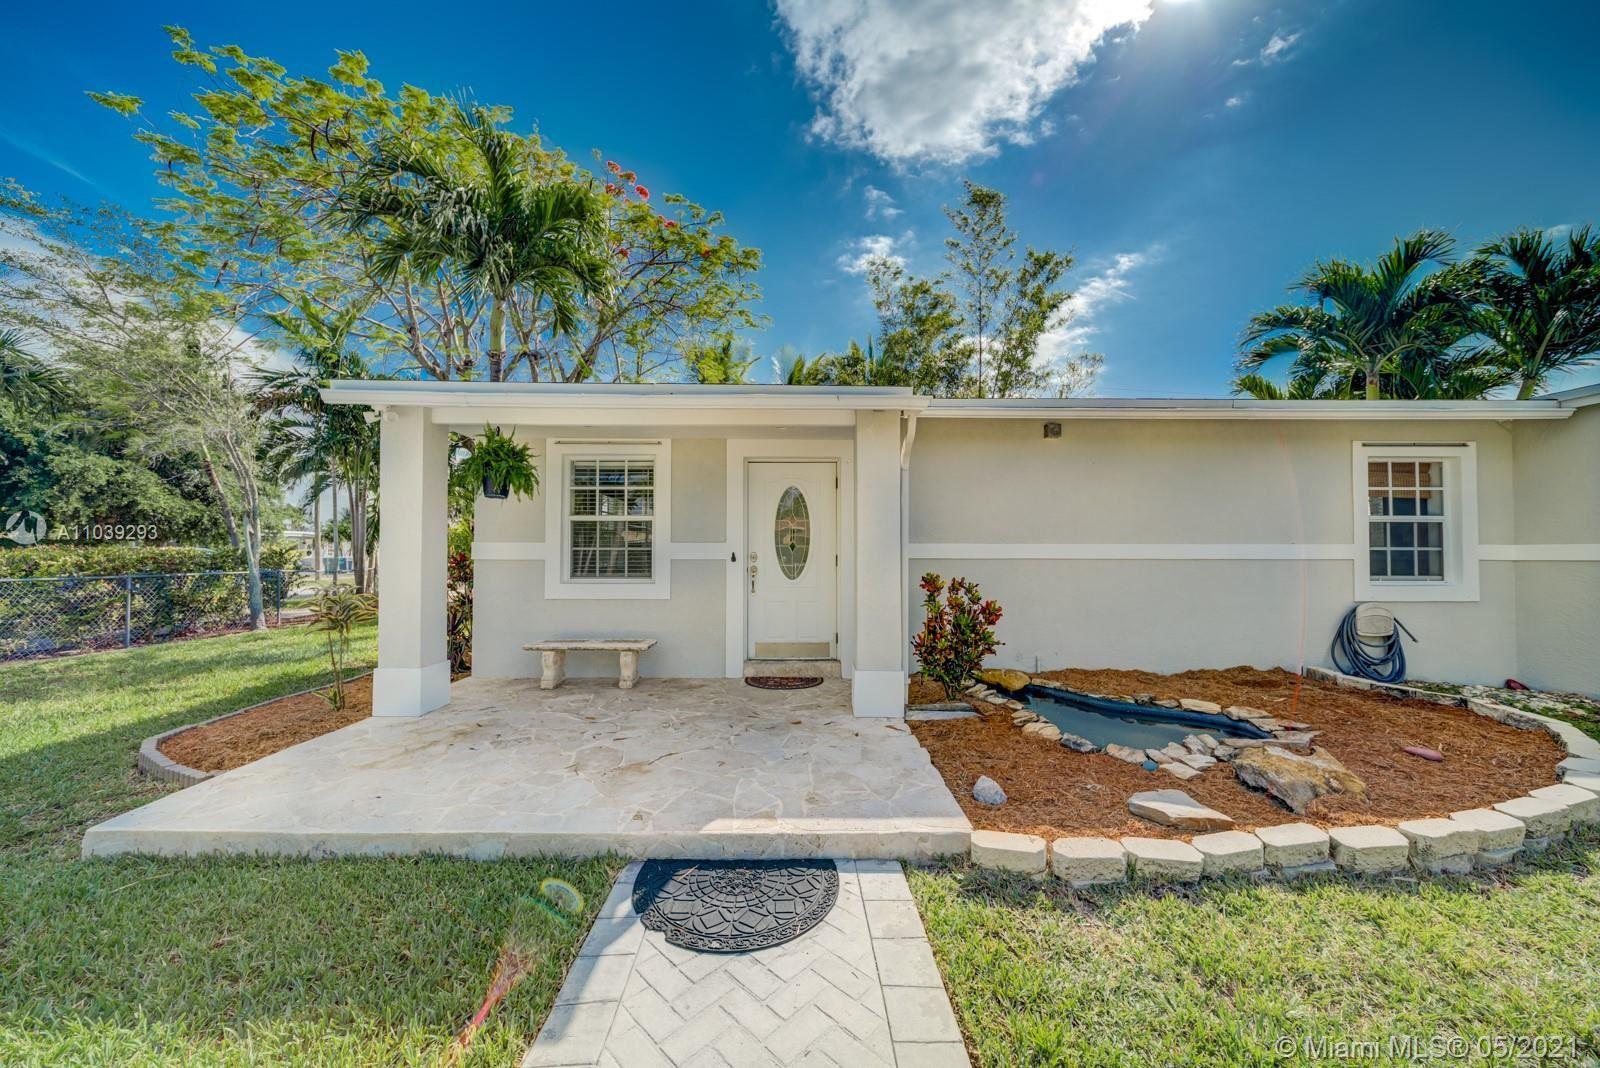 5125 SW 99th Ave, Miami, FL 33165 - #: A11039293